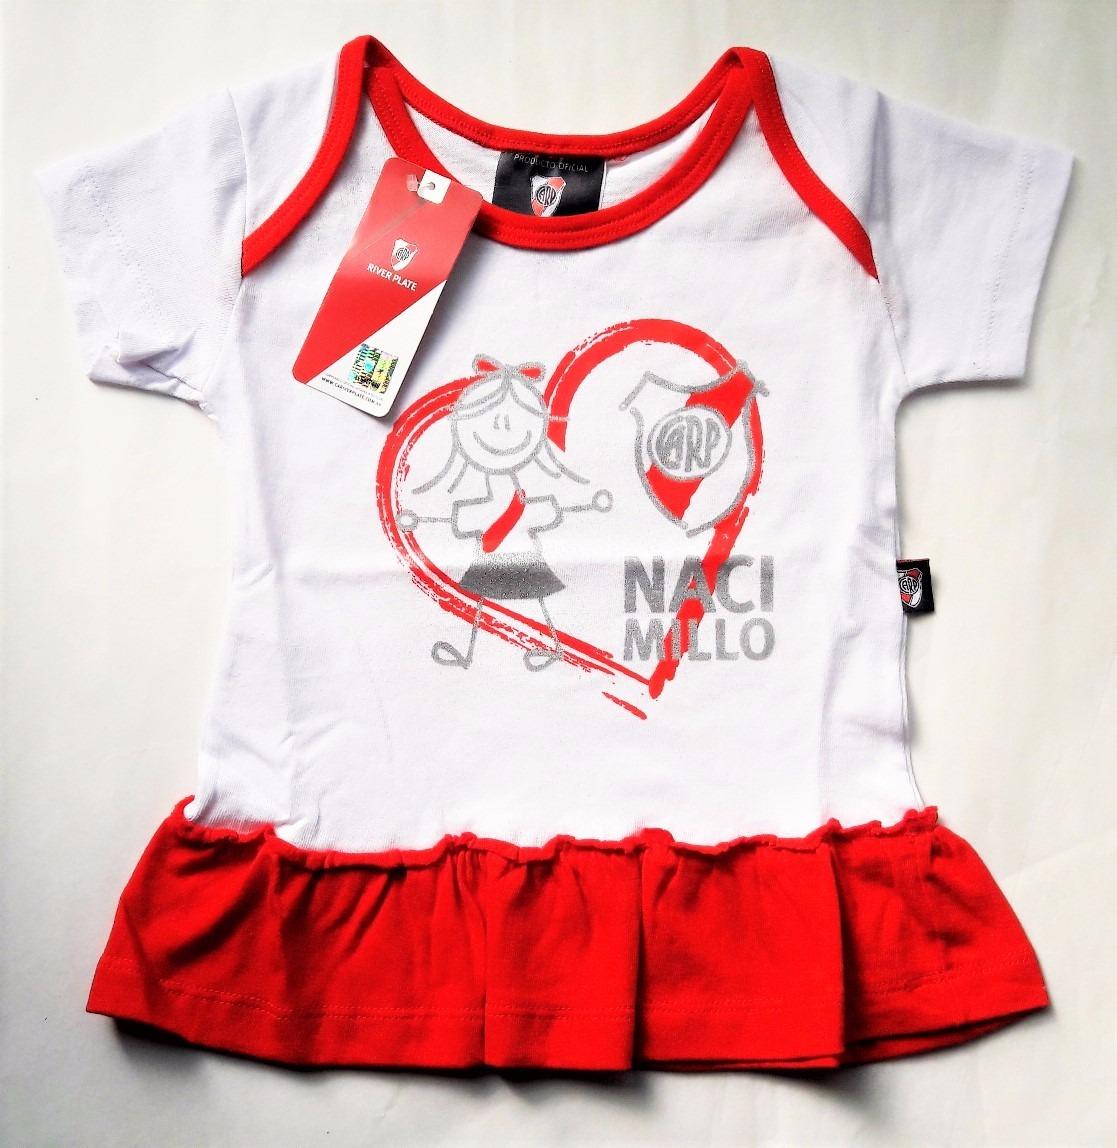 e64ba8824 remera river plate para beba nena camiseta licencia oficial. Cargando zoom.